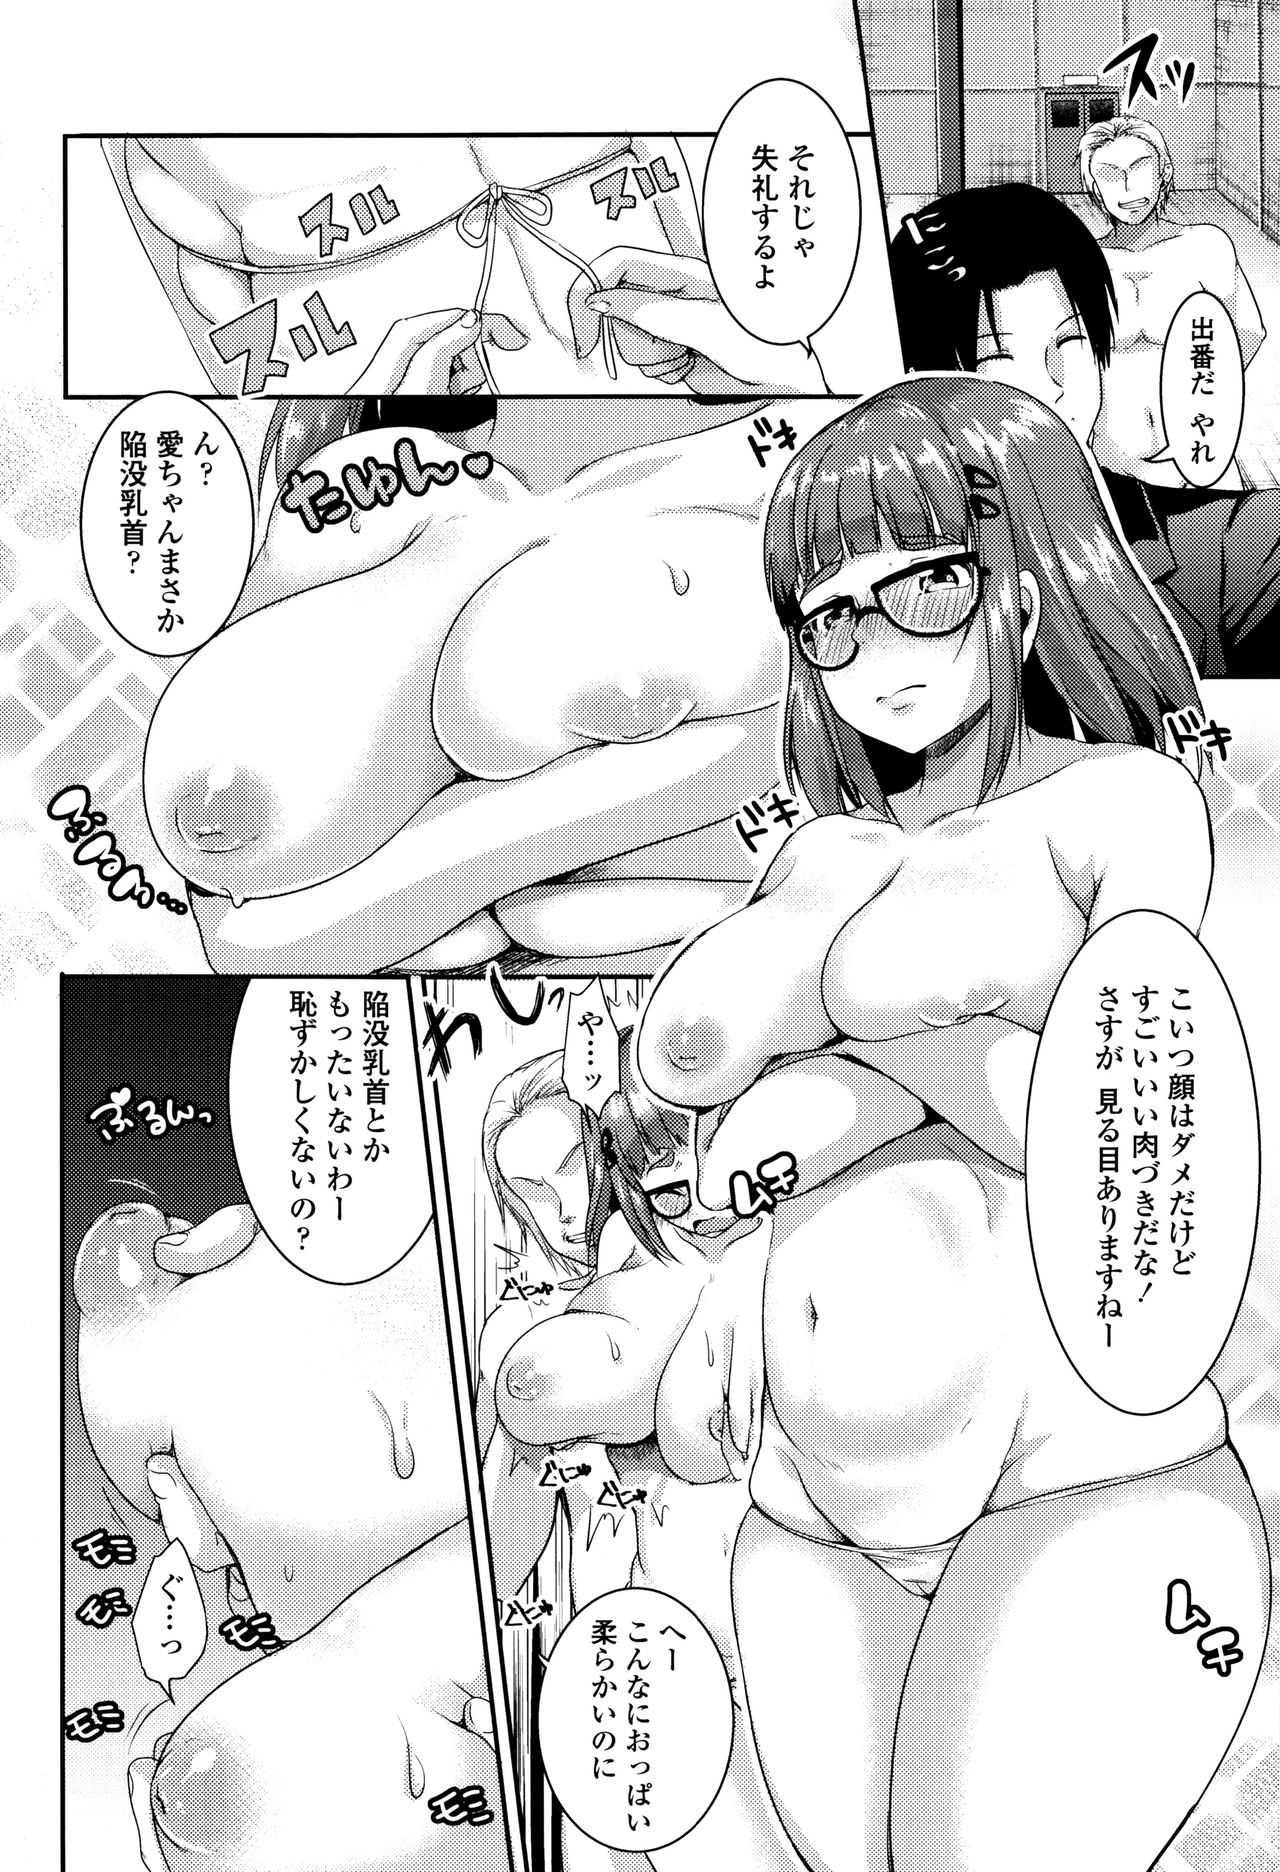 【エロ漫画】可憐だった彼女が変態鬼畜兄に快楽調教されおチ○ポ大好きな性奴隷にwww